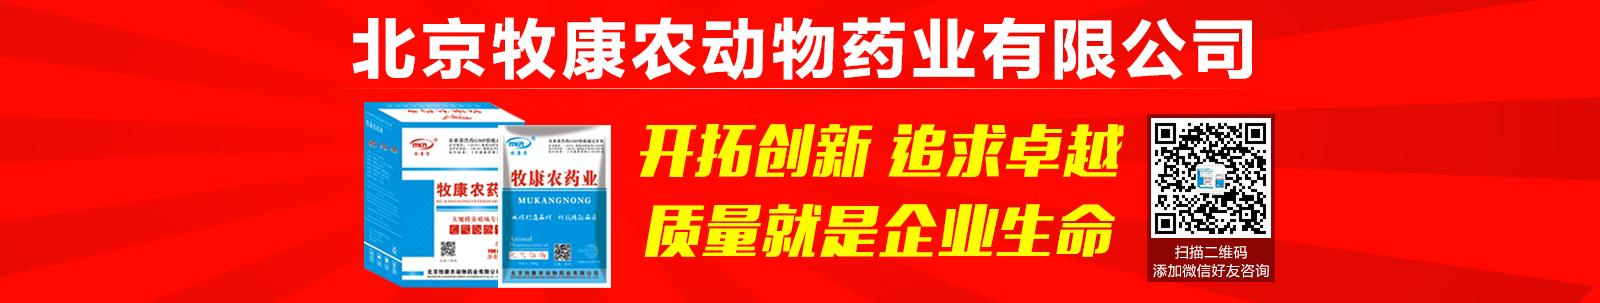 北京牧康农动物药业有限公司